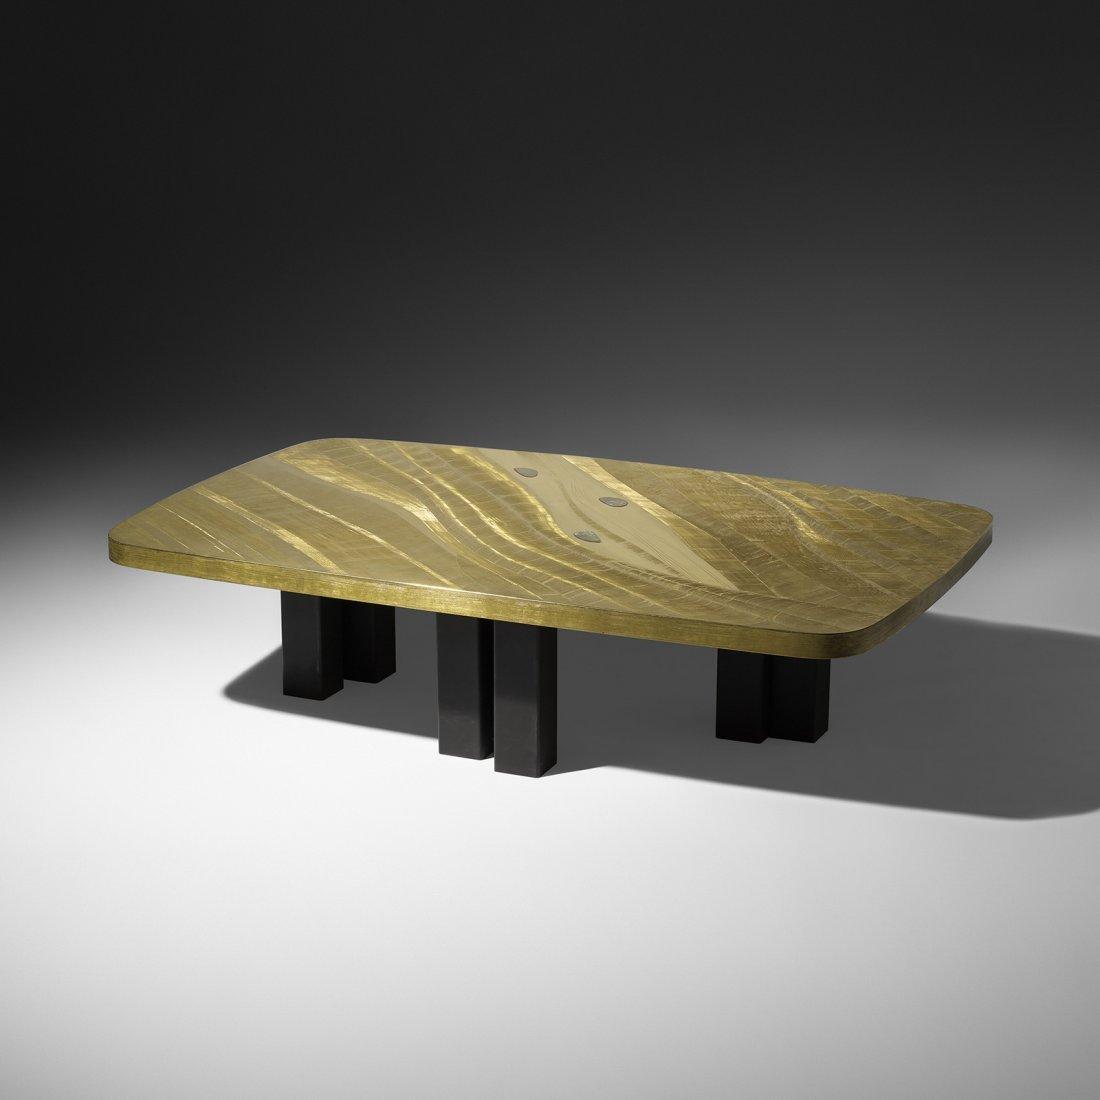 Christian Krekels coffee table